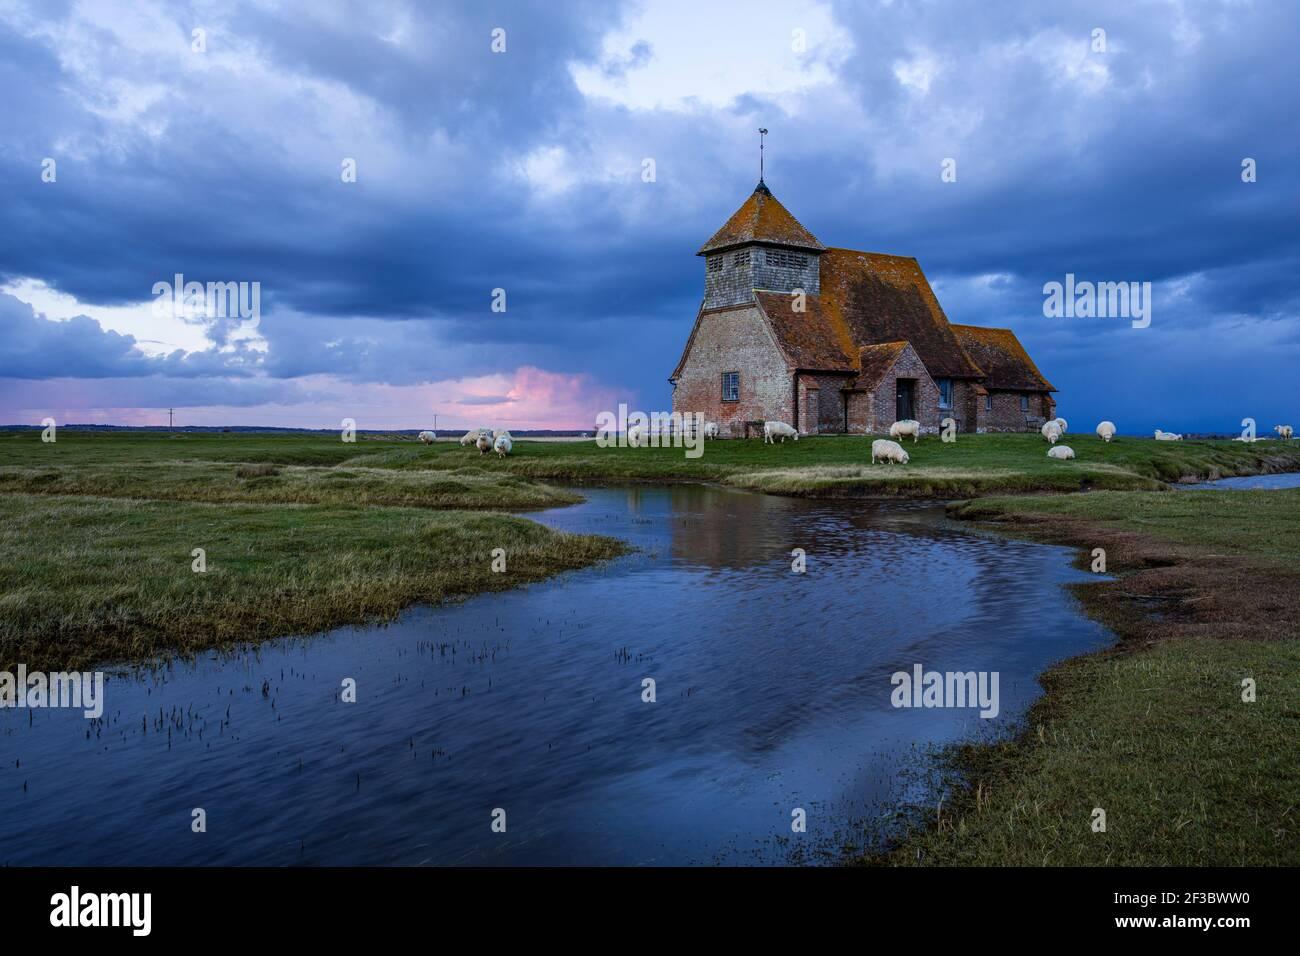 Iglesia de Santo Tomás Becket cerca de Fairfield en el pantano Romney en Kent sur este de Inglaterra, nubes de tormenta se reúnen durante la hora azul y pastoreo de ovejas Foto de stock